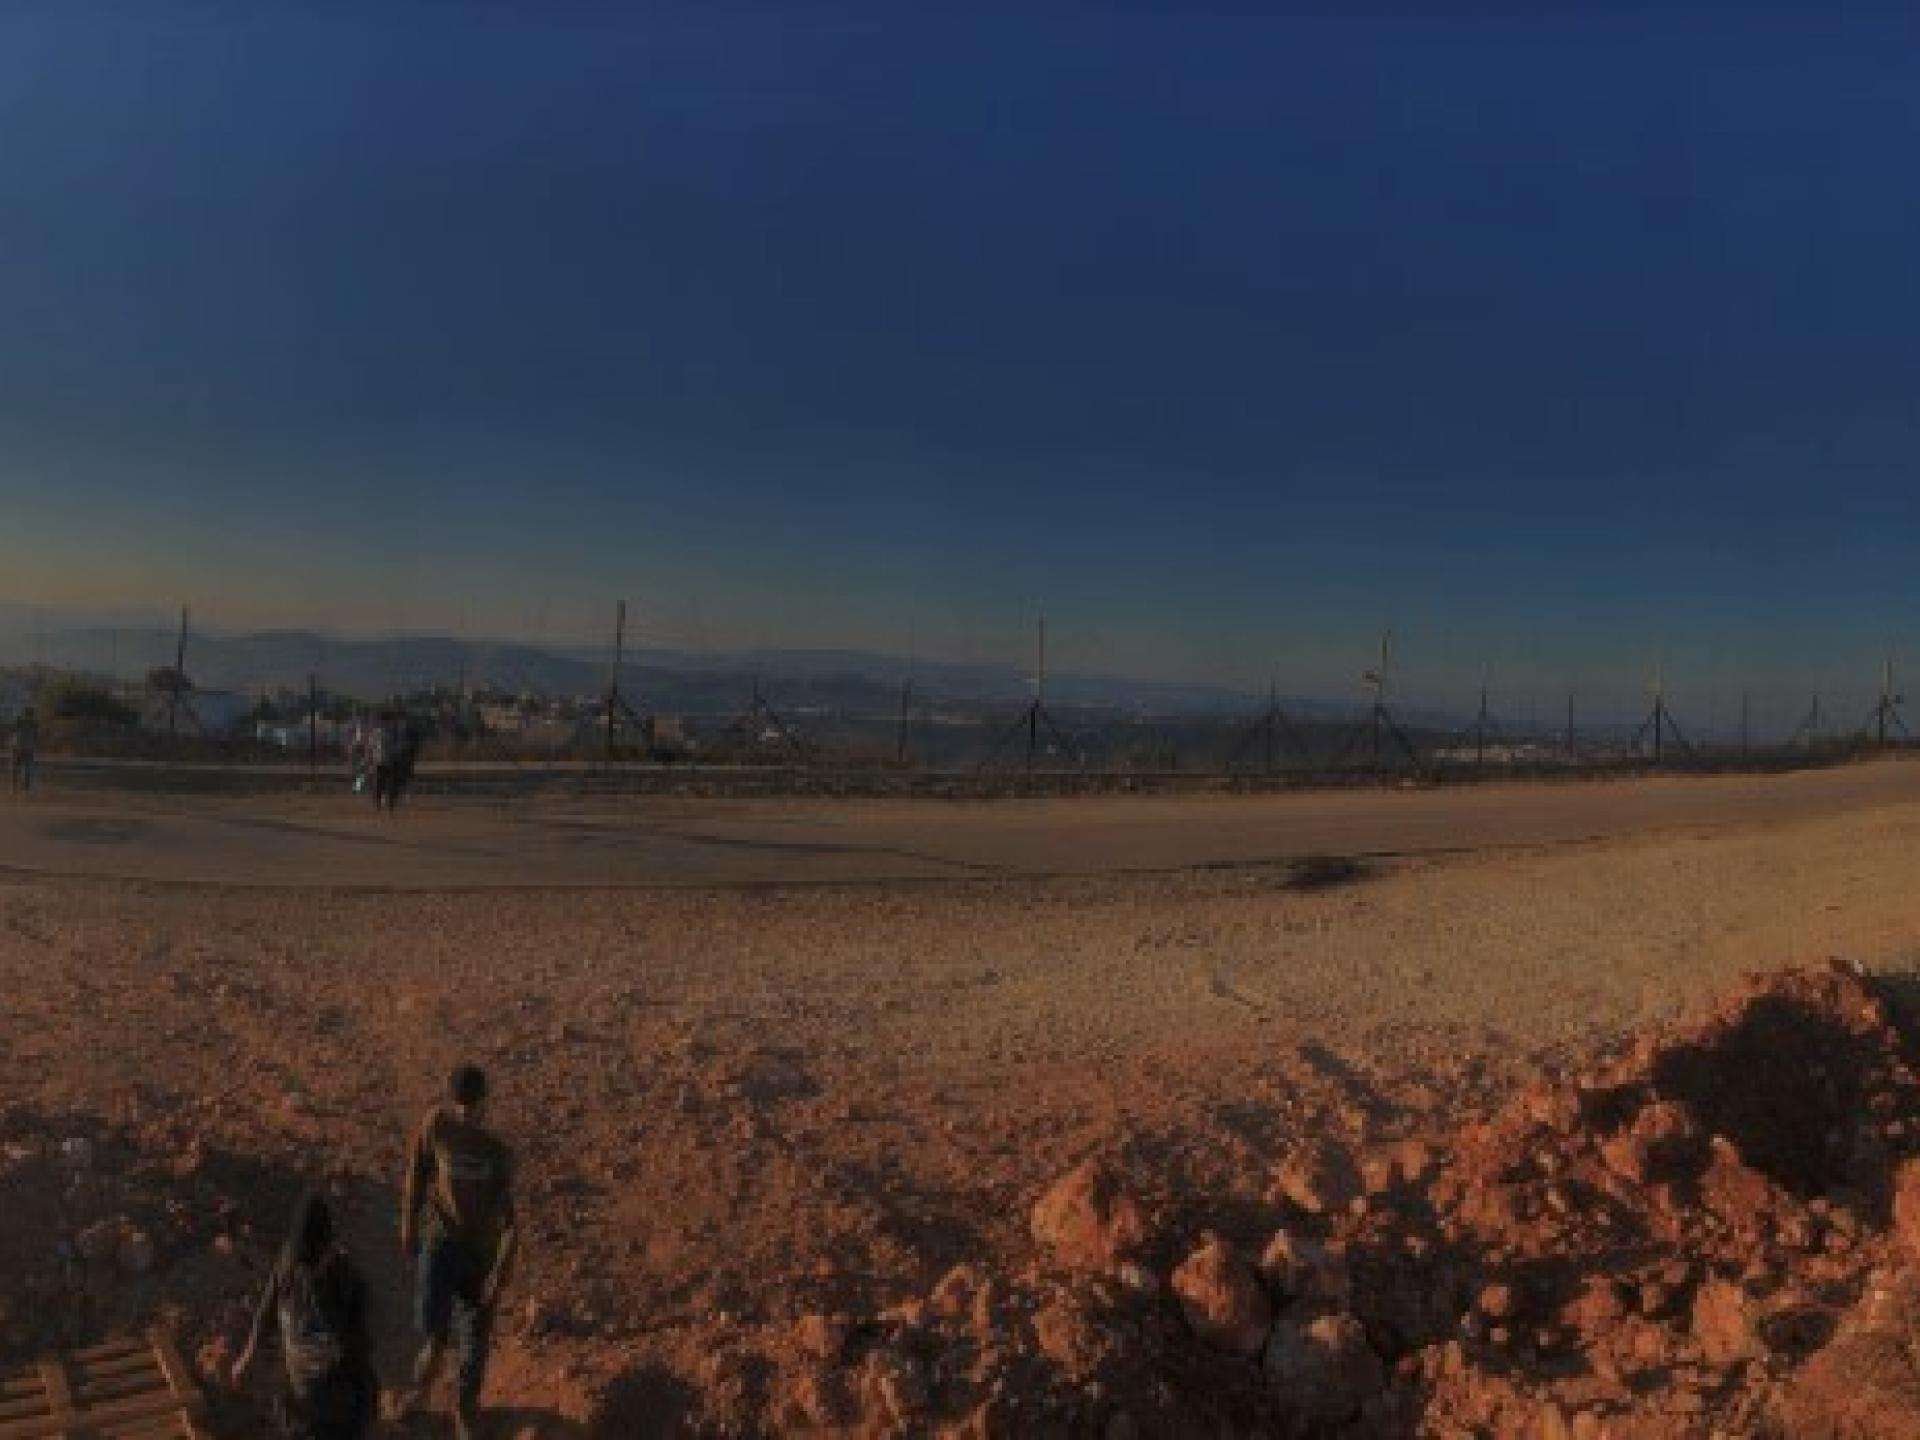 מבט על הגדר הפרוצה באזור עאנין